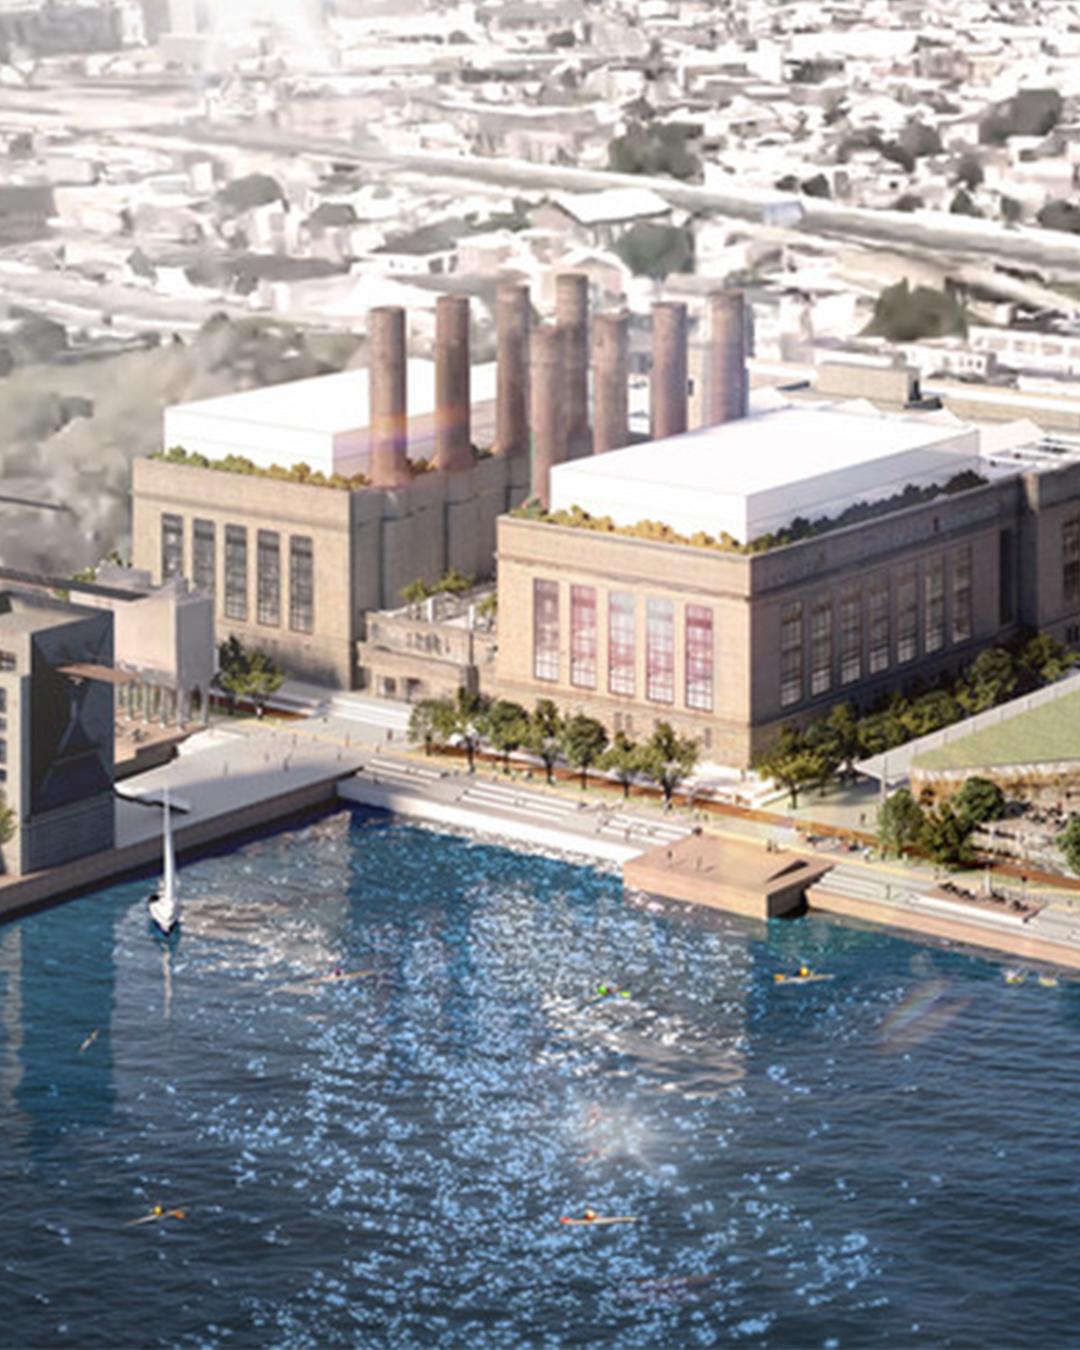 fishtown power plant